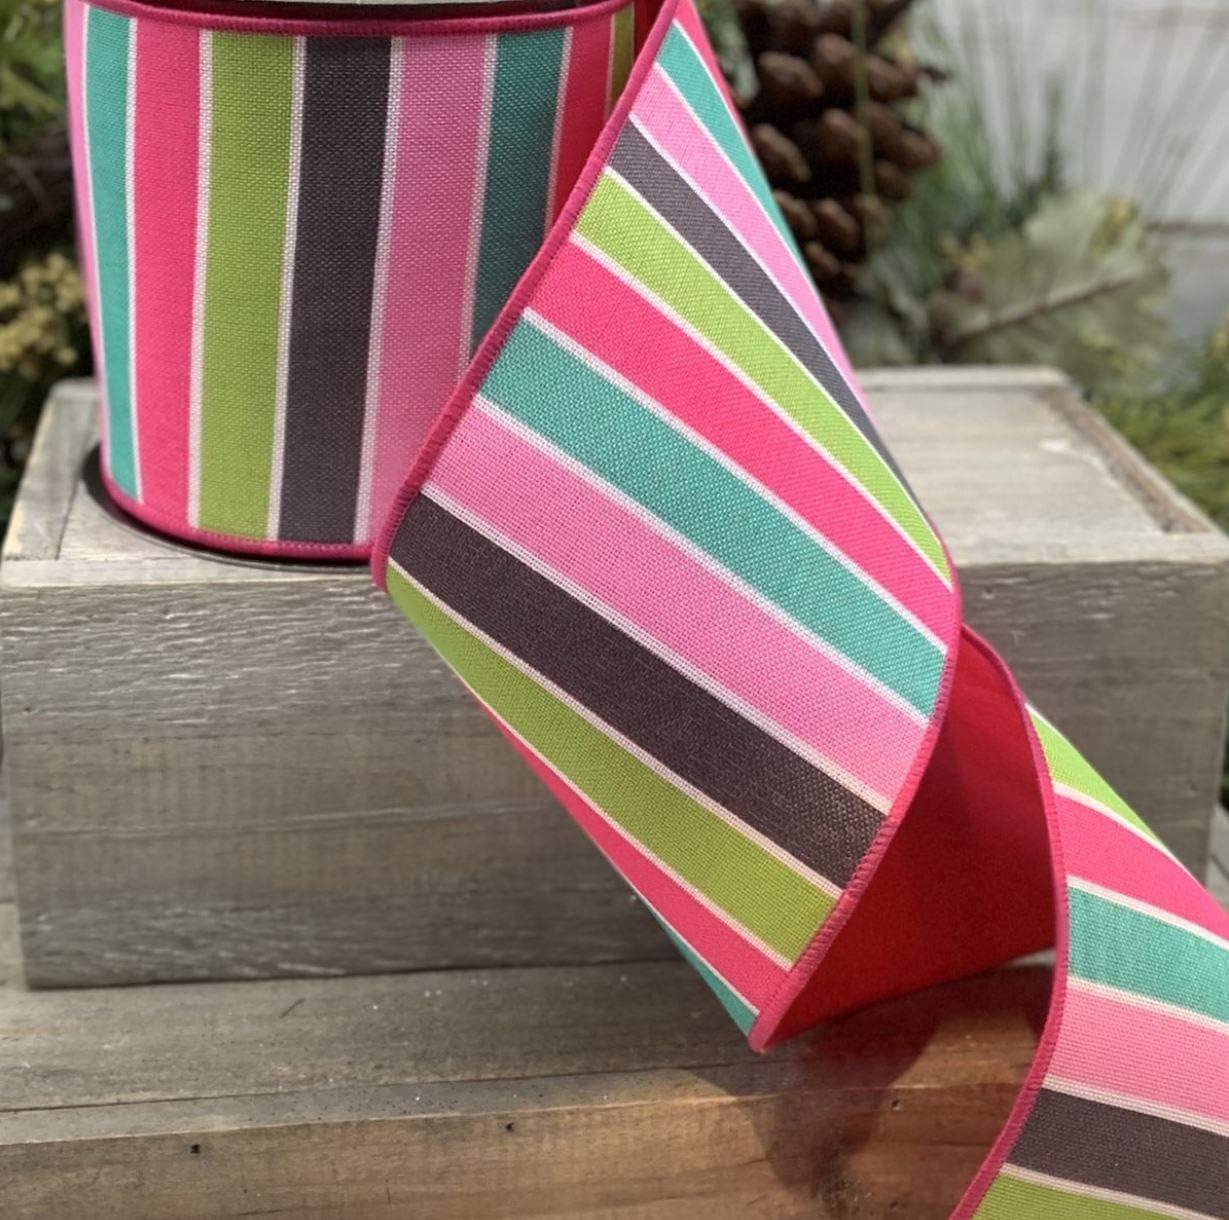 taupe ribbon wired ribbon velvet ribbon plush velvet ribbon 4 inch ribbon luxury ribbon D Stevens ribbon wreath ribbon spring ribbon